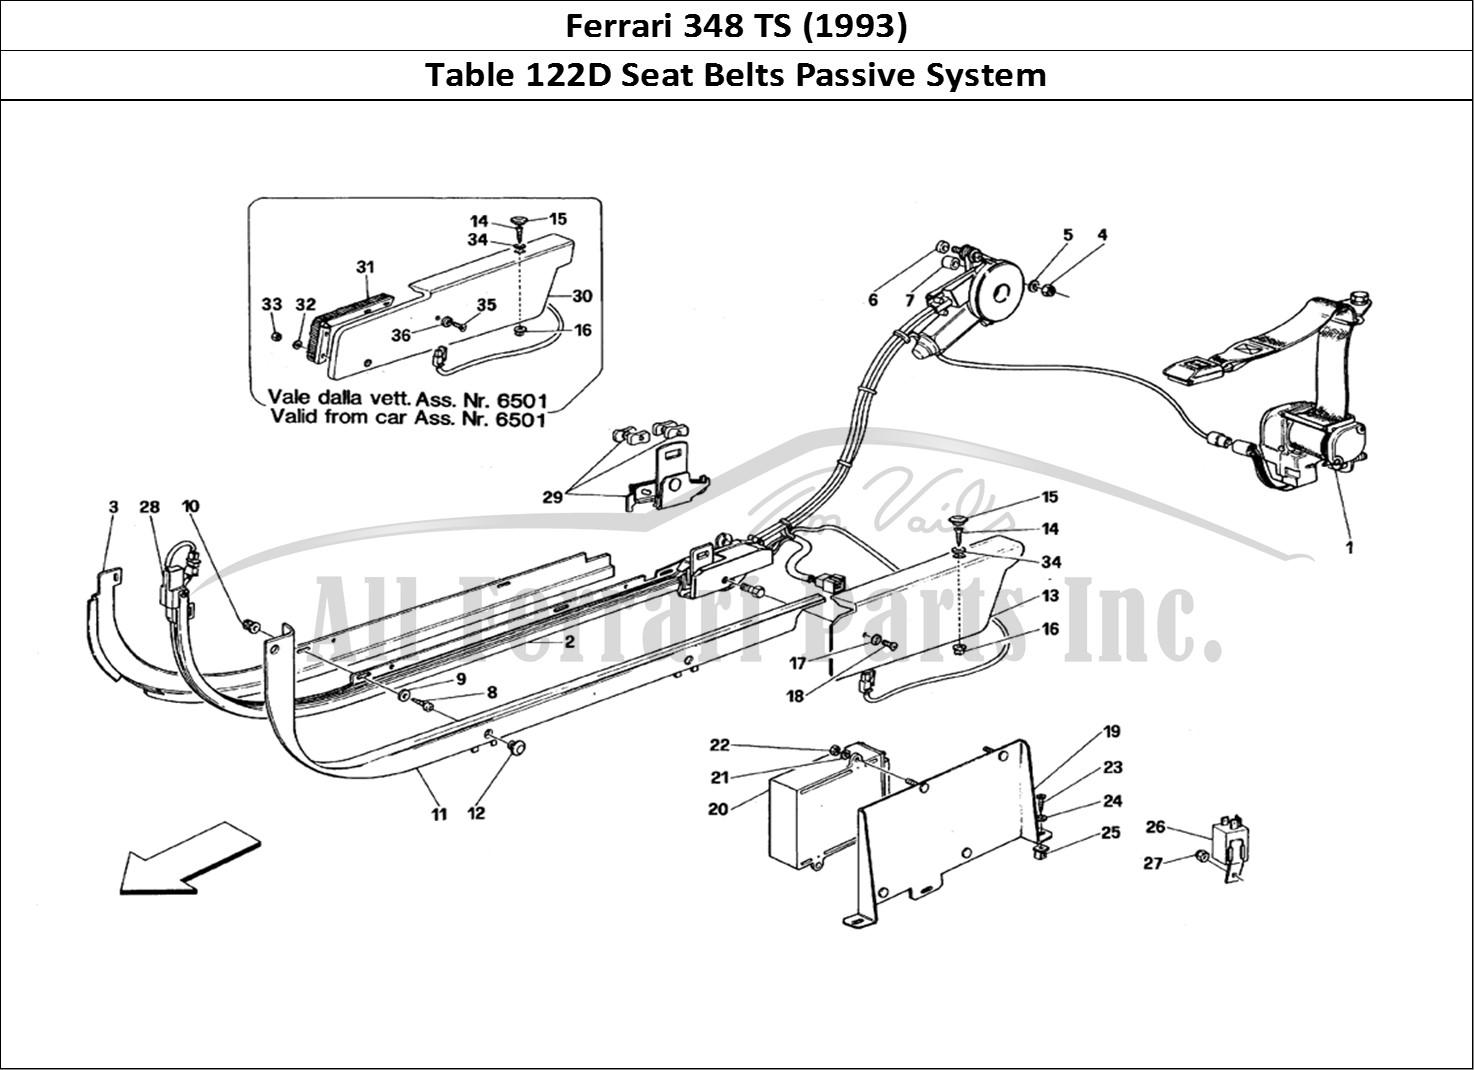 Buy Original Ferrari 348 Ts 122d Seat Belts Passive System Ferrari Parts Spares